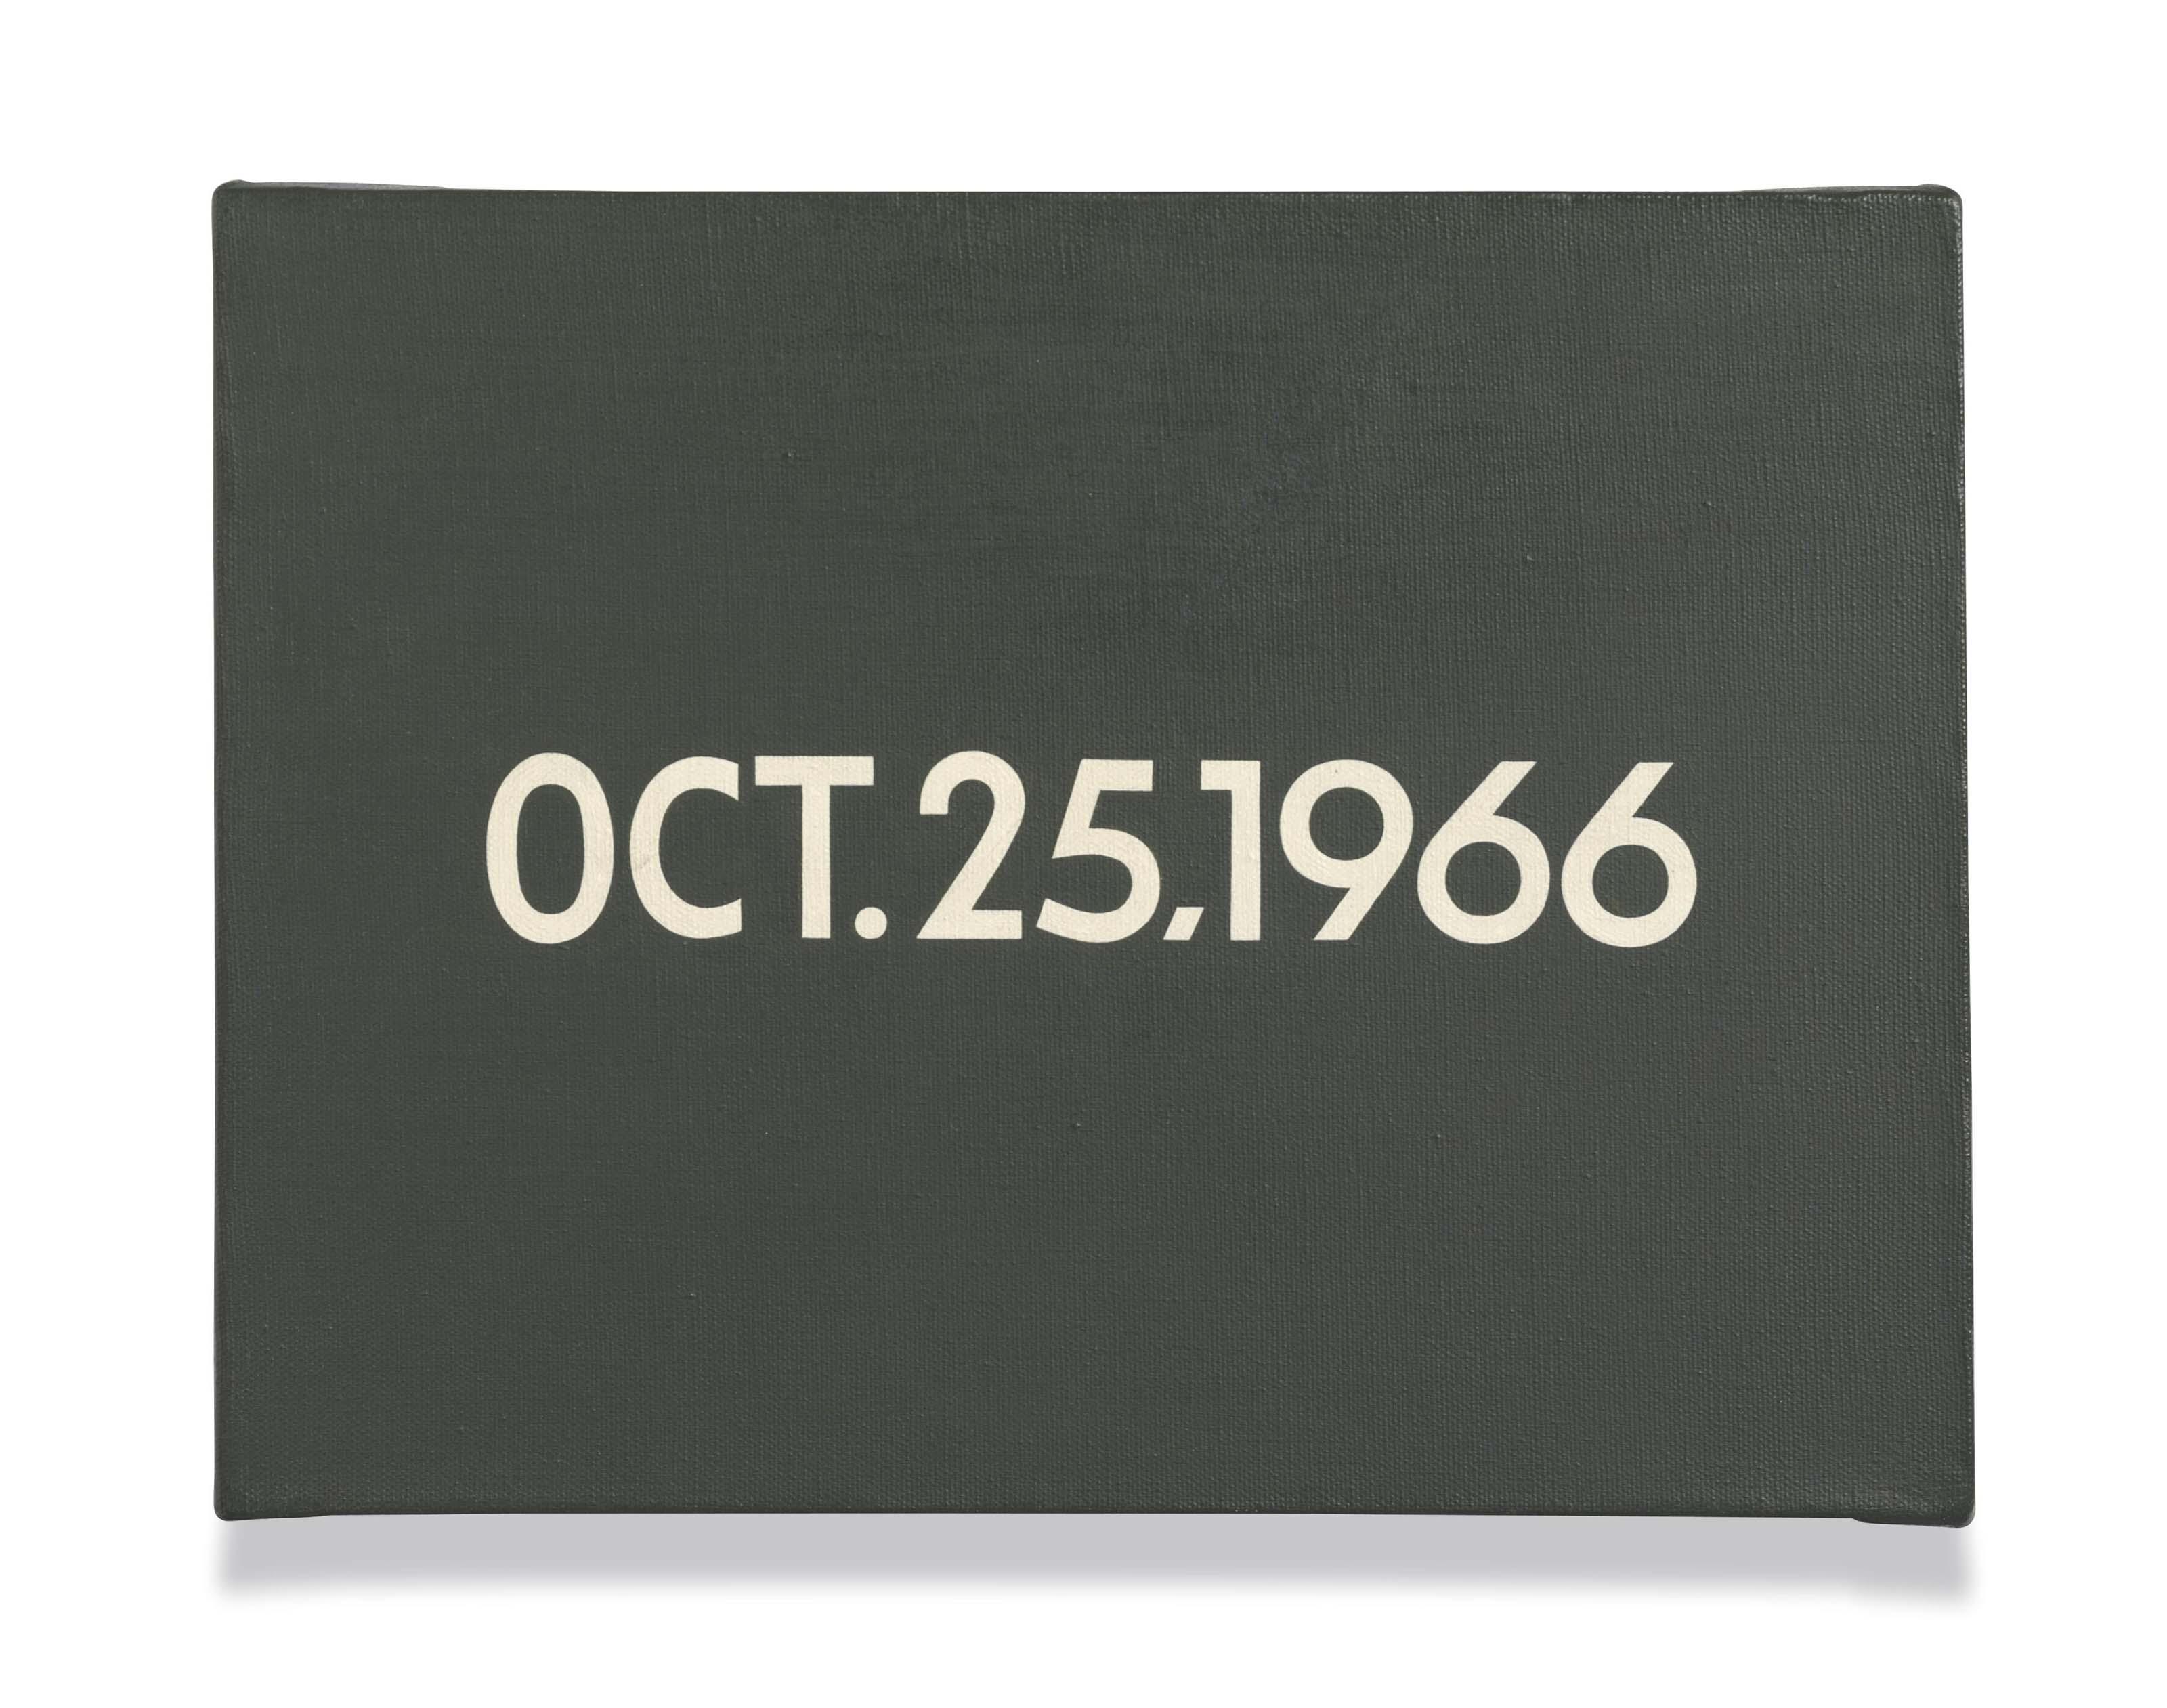 OCT. 25, 1966